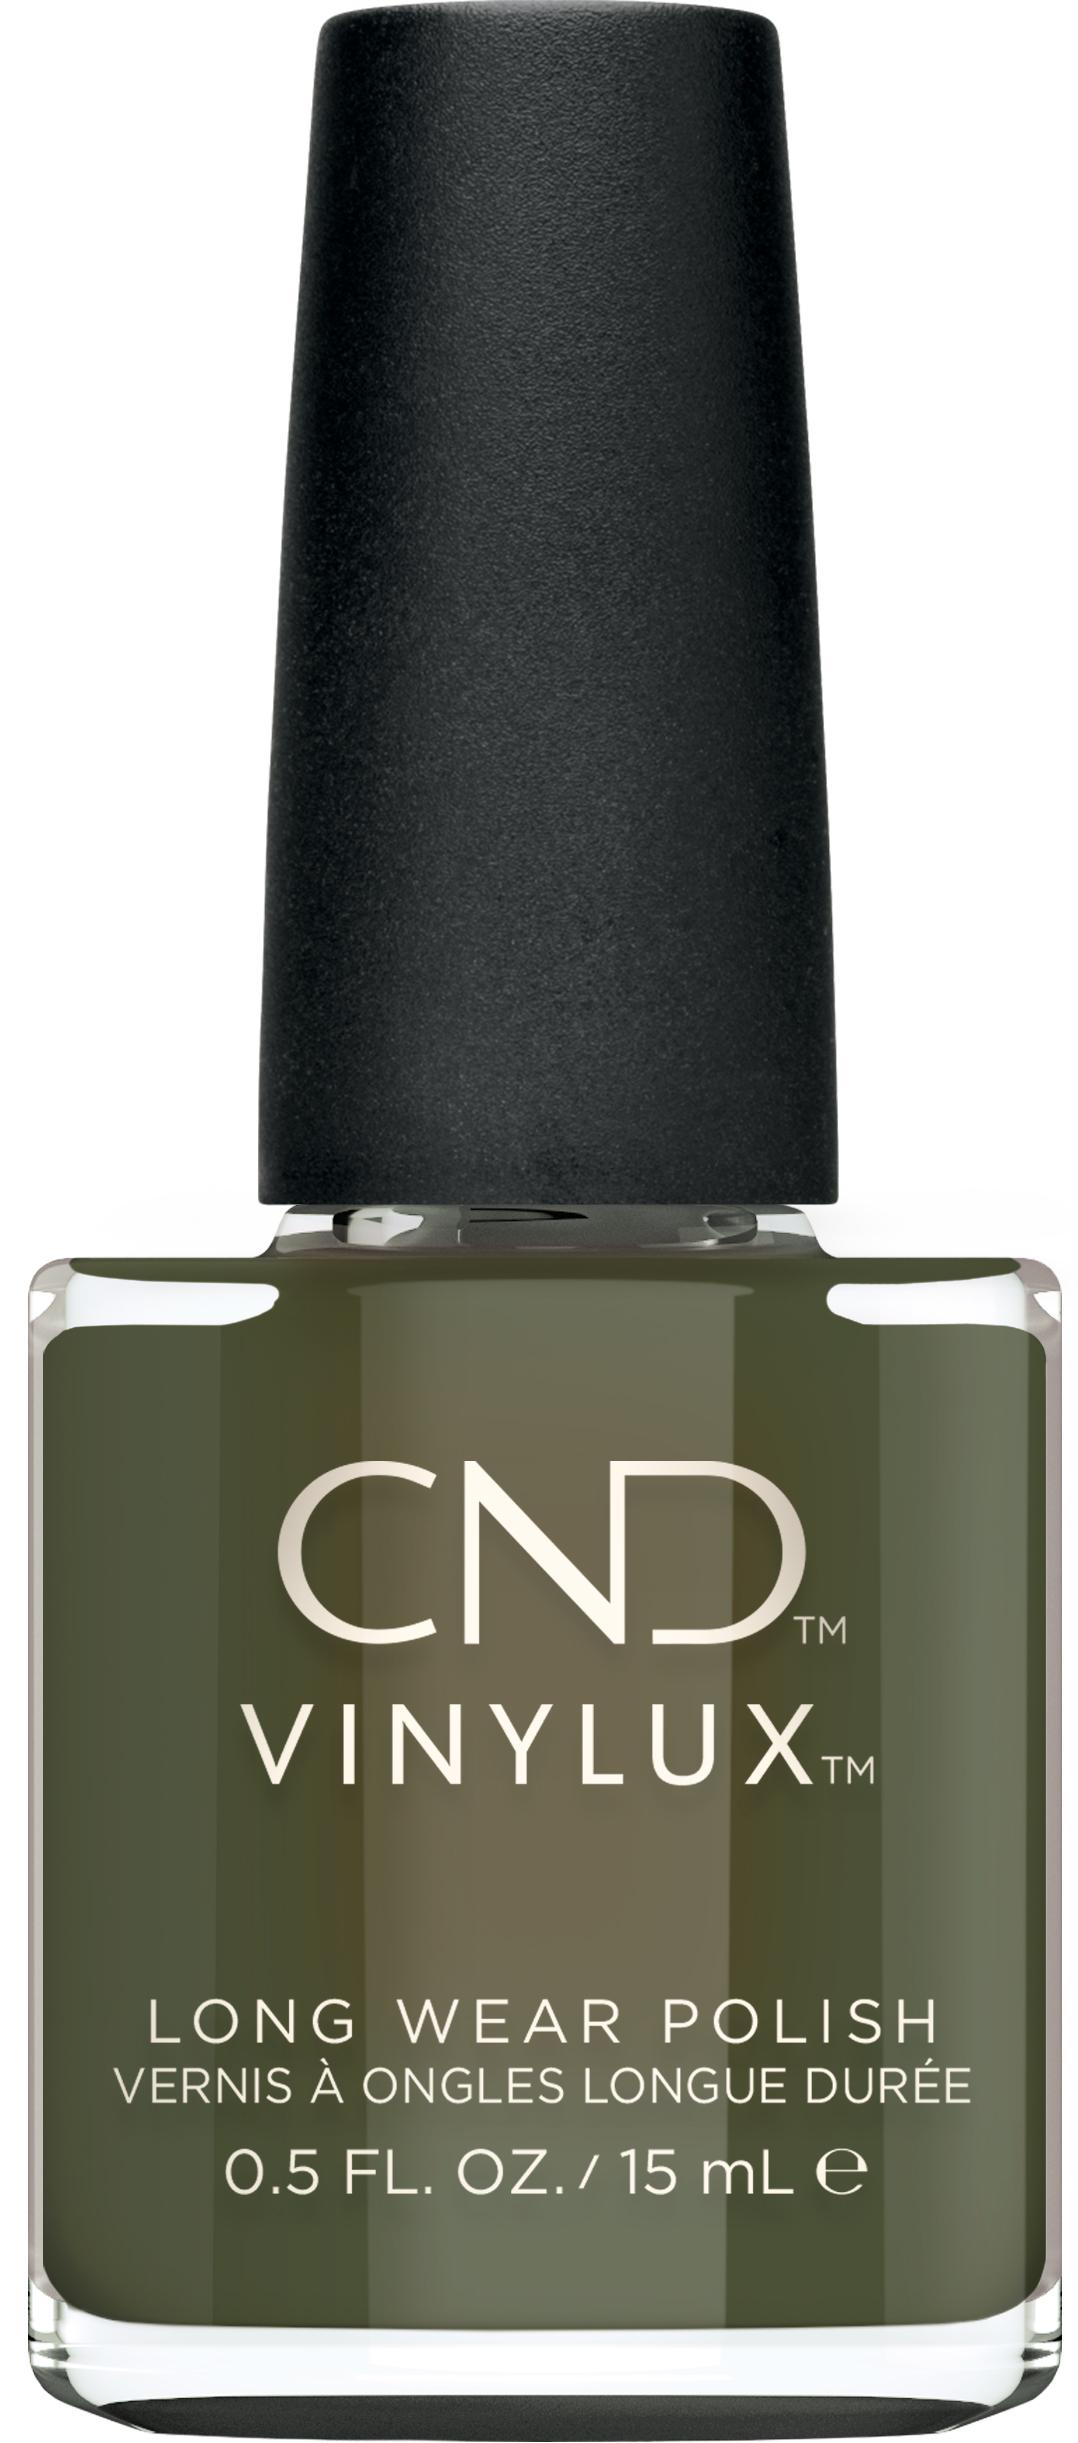 CND Vinylux Nail Polish, 327 cap & gown